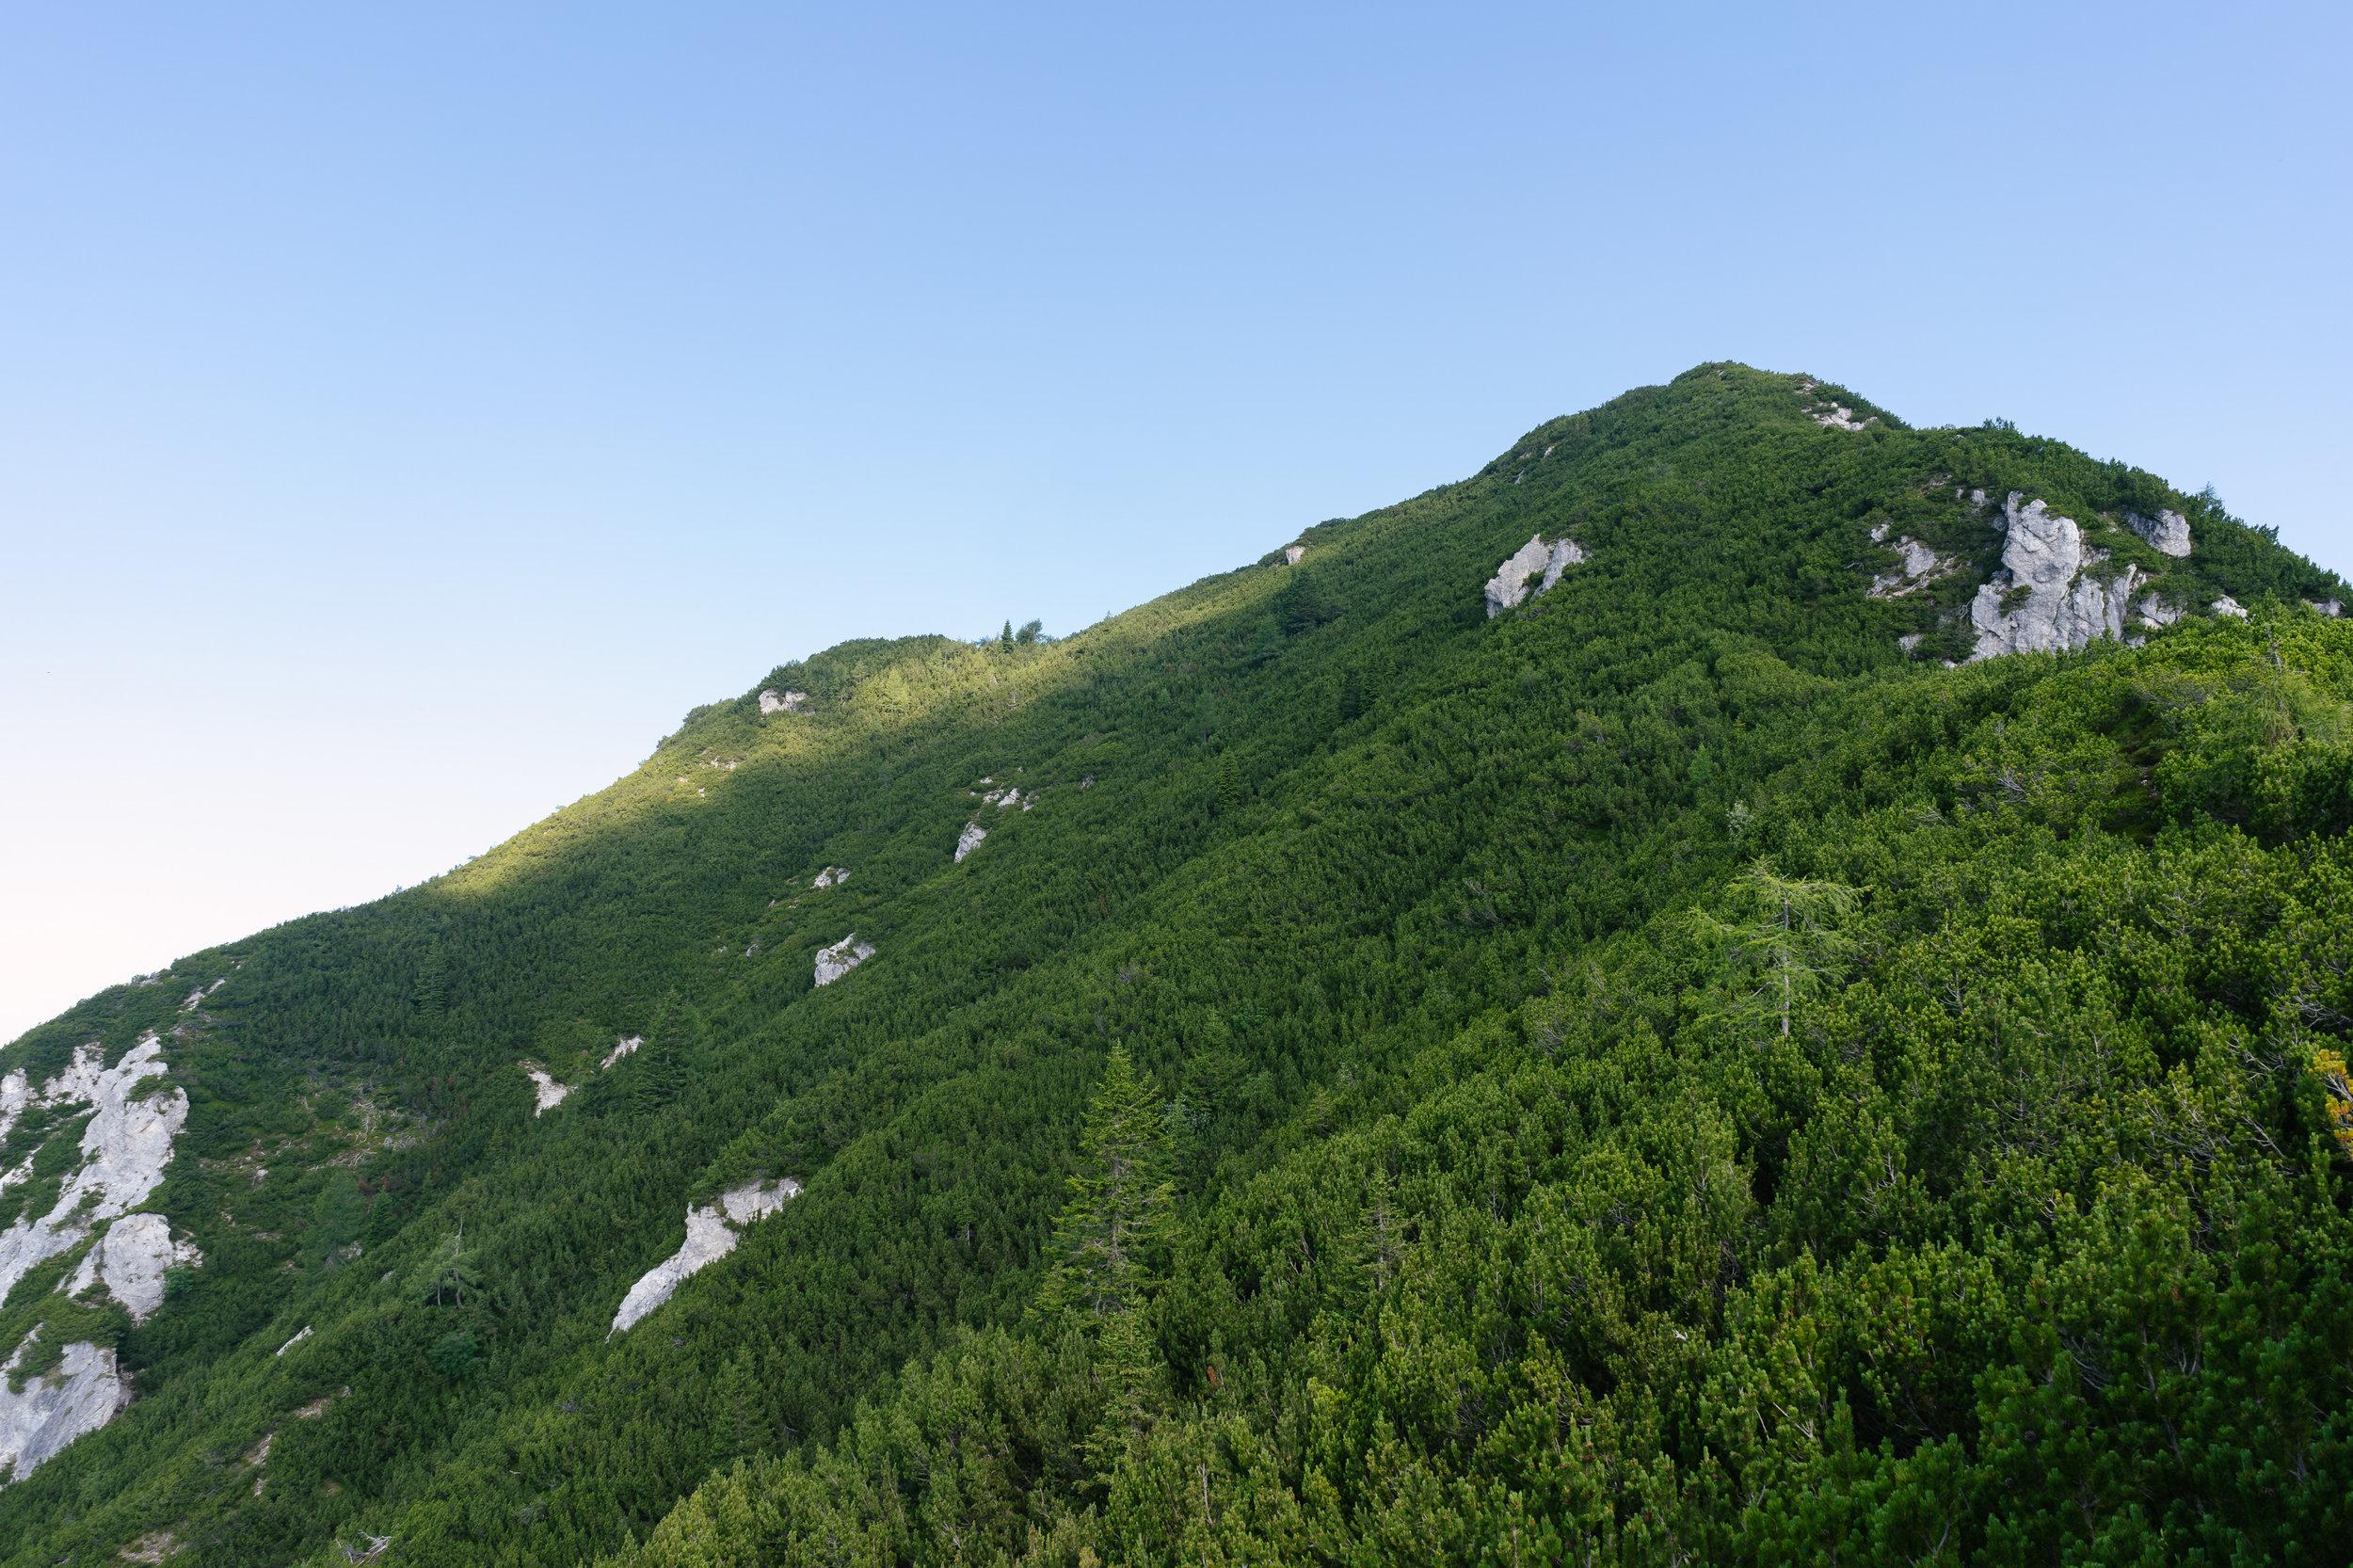 Making our way through these dense dwarf mountain pine shrubs to the top.